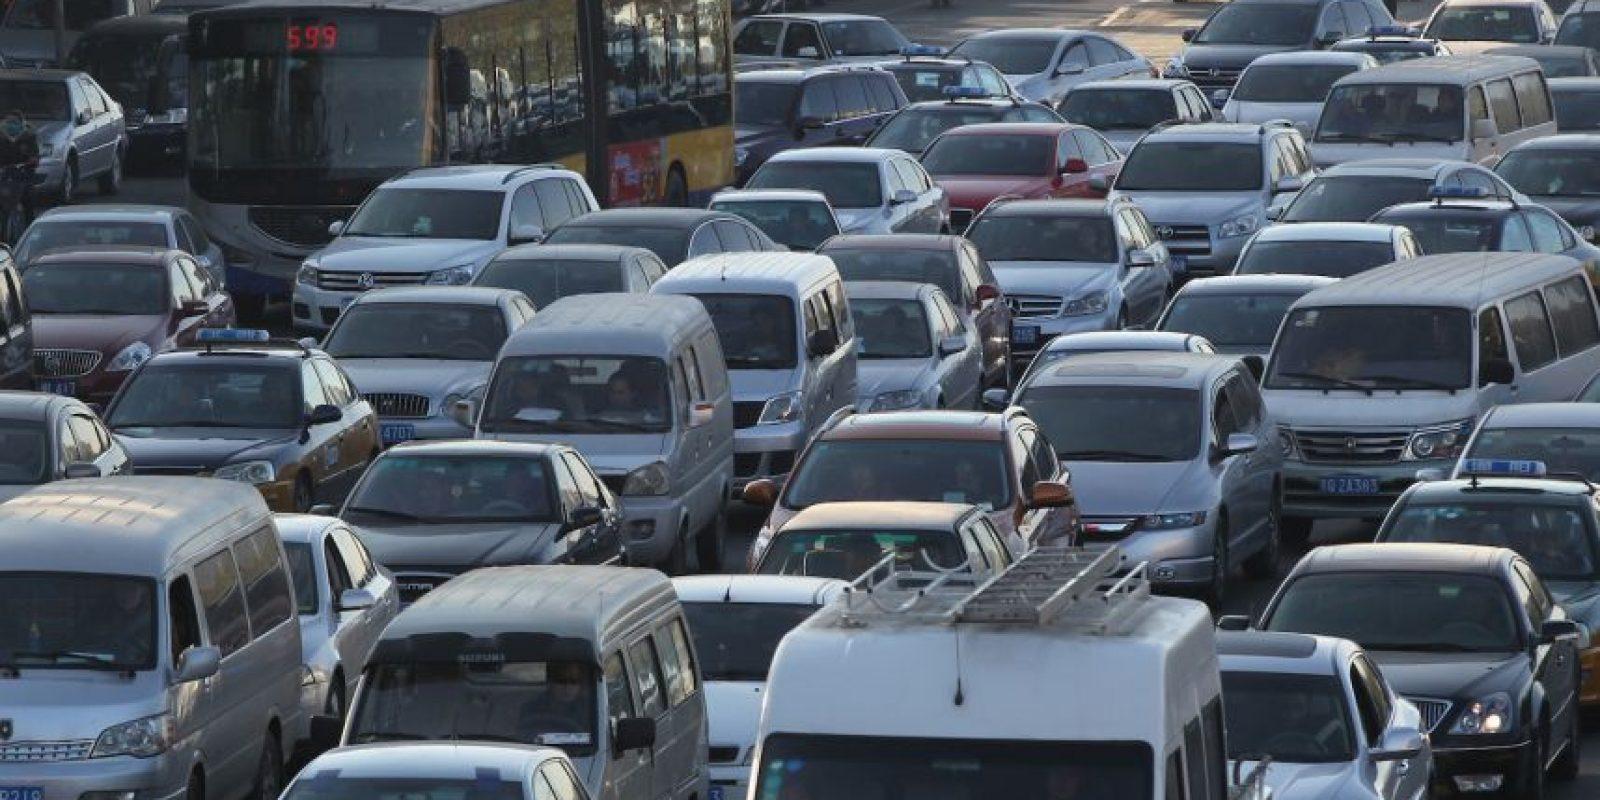 Un problema en la logística ayudo a provocar este desastre Foto:Getty Images